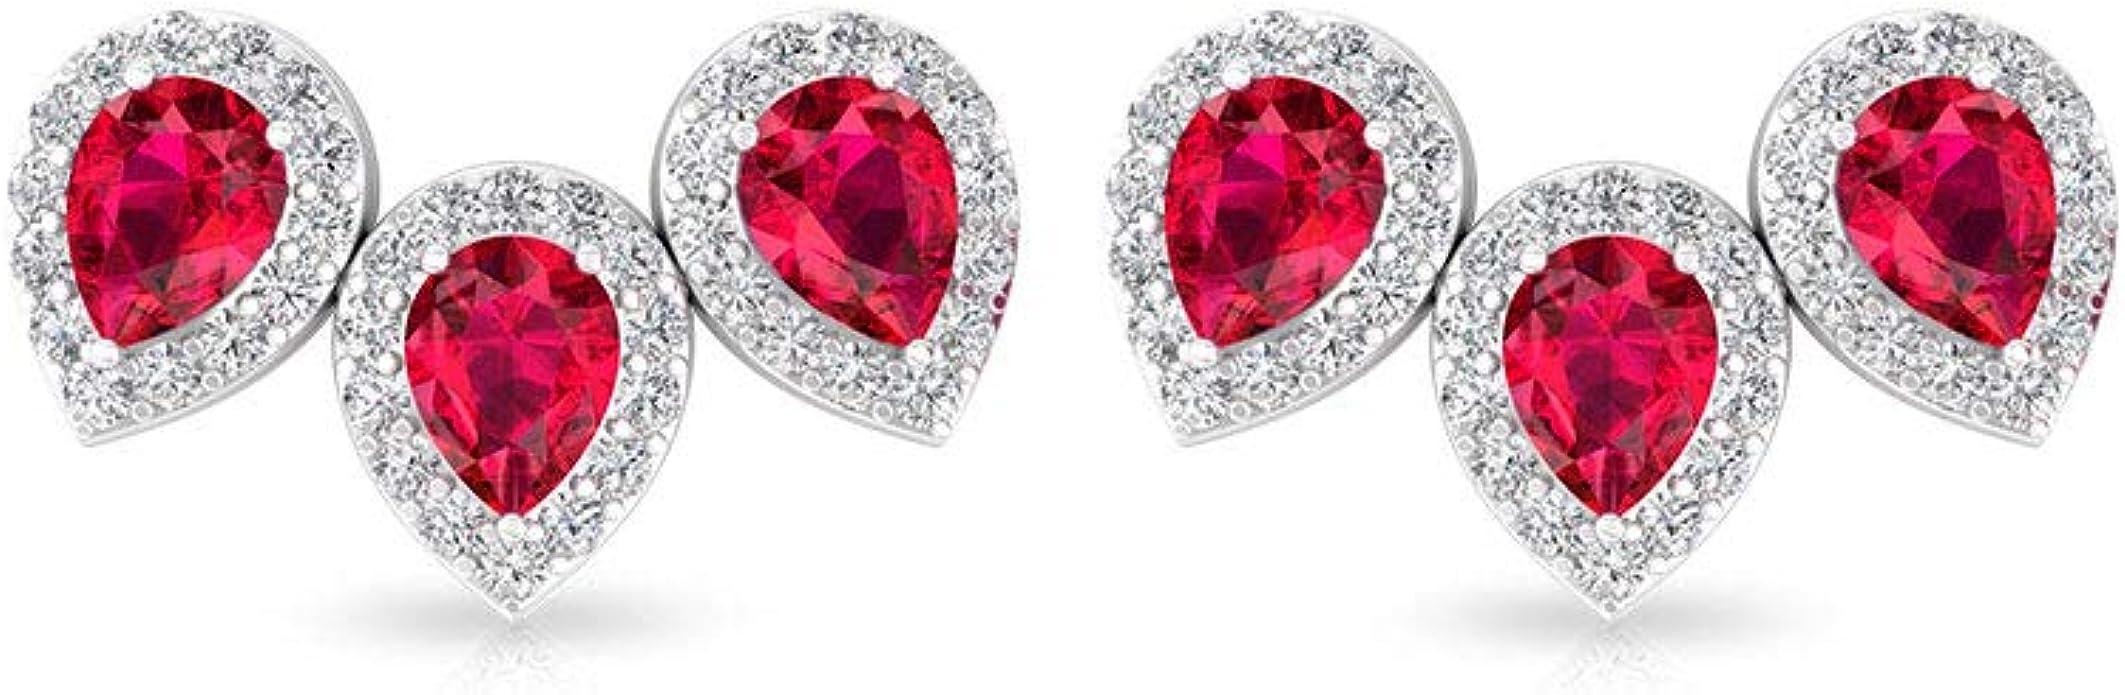 Pendientes de escalada con cristales de rubí, certificado IGI ...